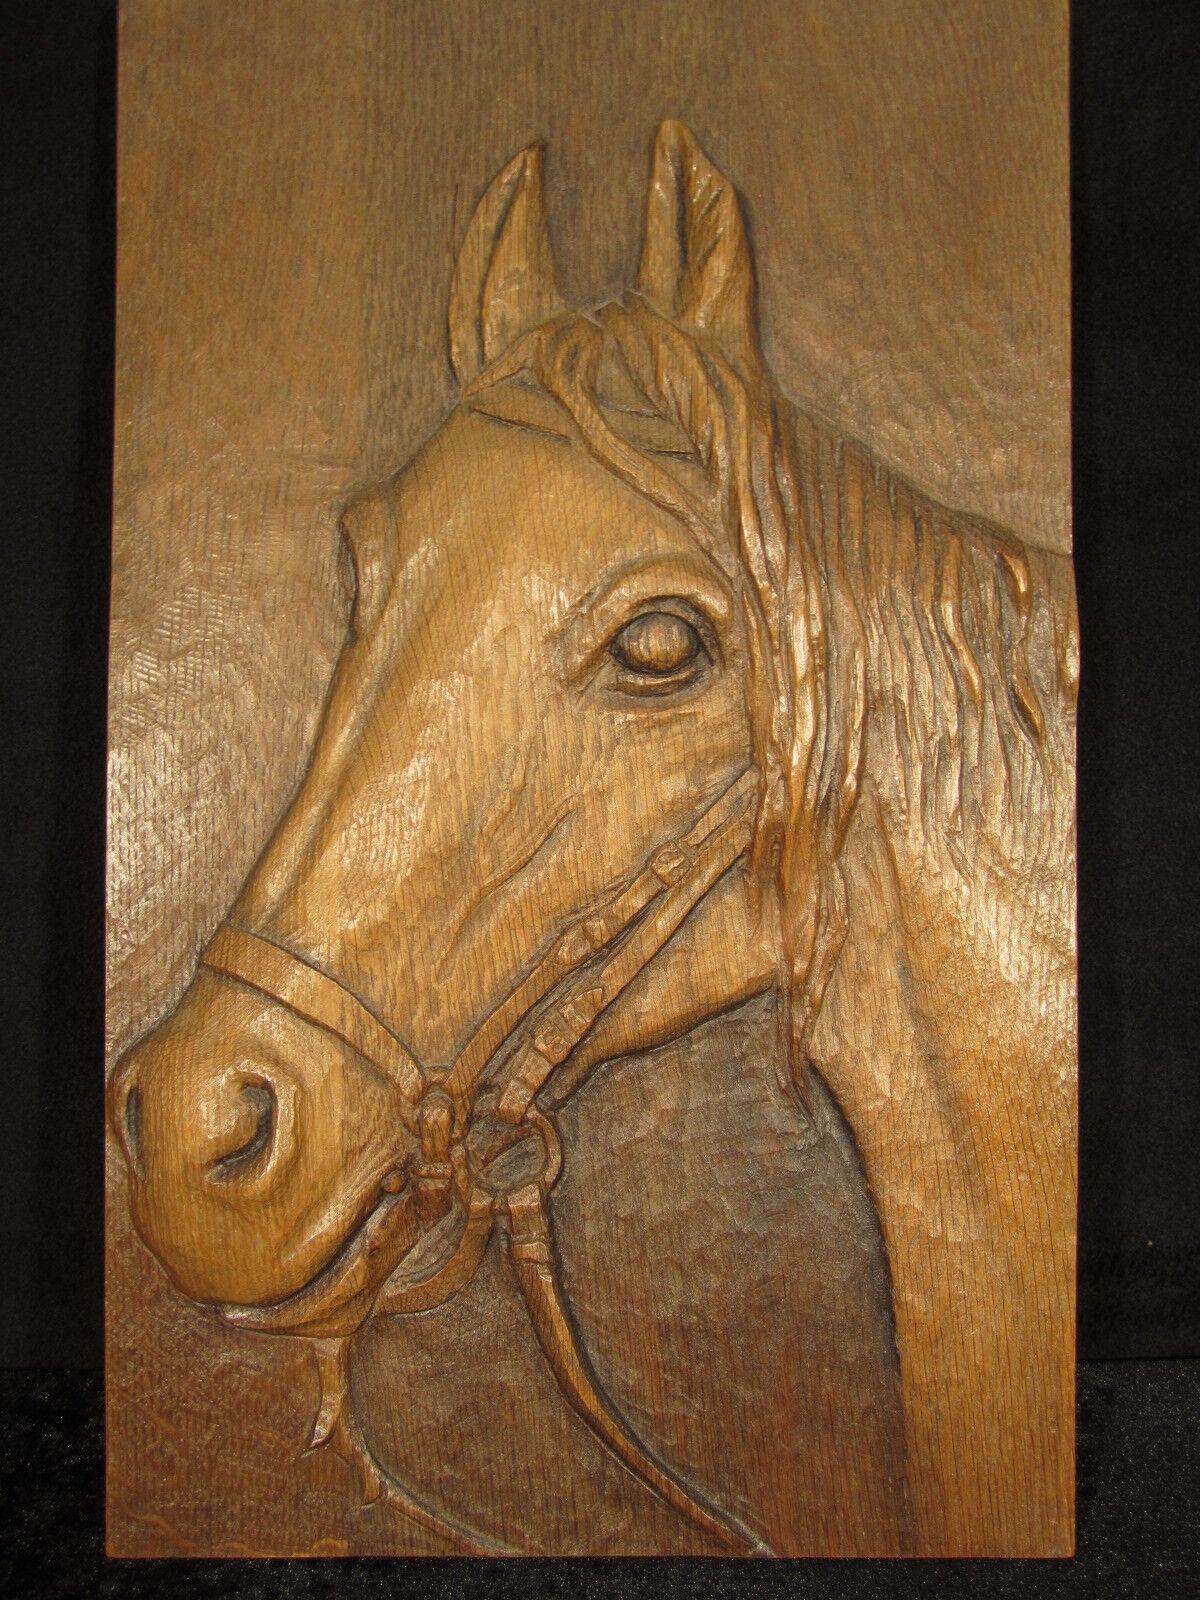 Testa di cavallorelief, quercia scolpito a mano Marroneeee mordente ca 53 x 32 x 2,5 cm wieher